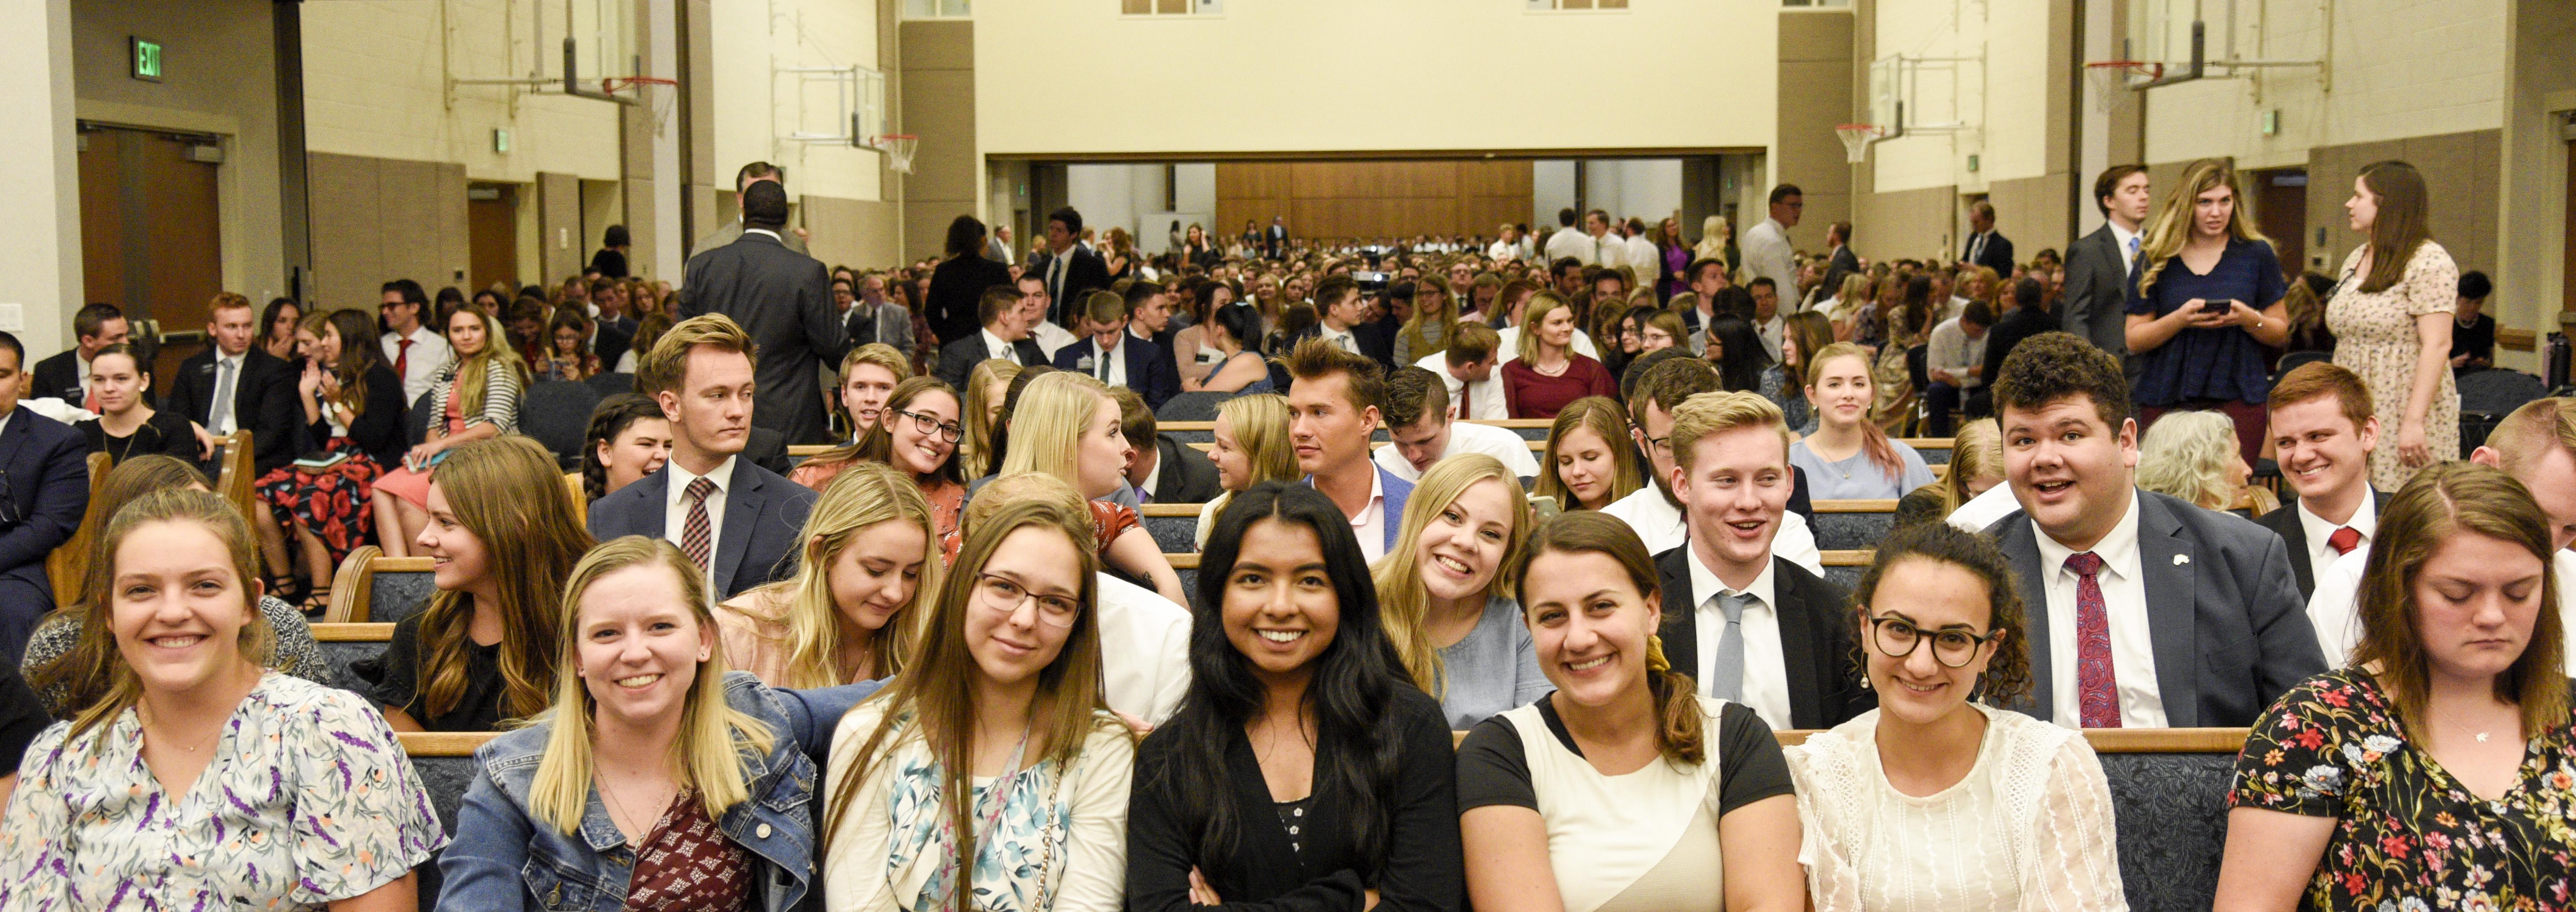 Jóvenes adultos se reúnen para un devocional dado por el élder Ronald A. Rasband en el Instituto de Religión de Tempe Arizona, el 20 de octubre.